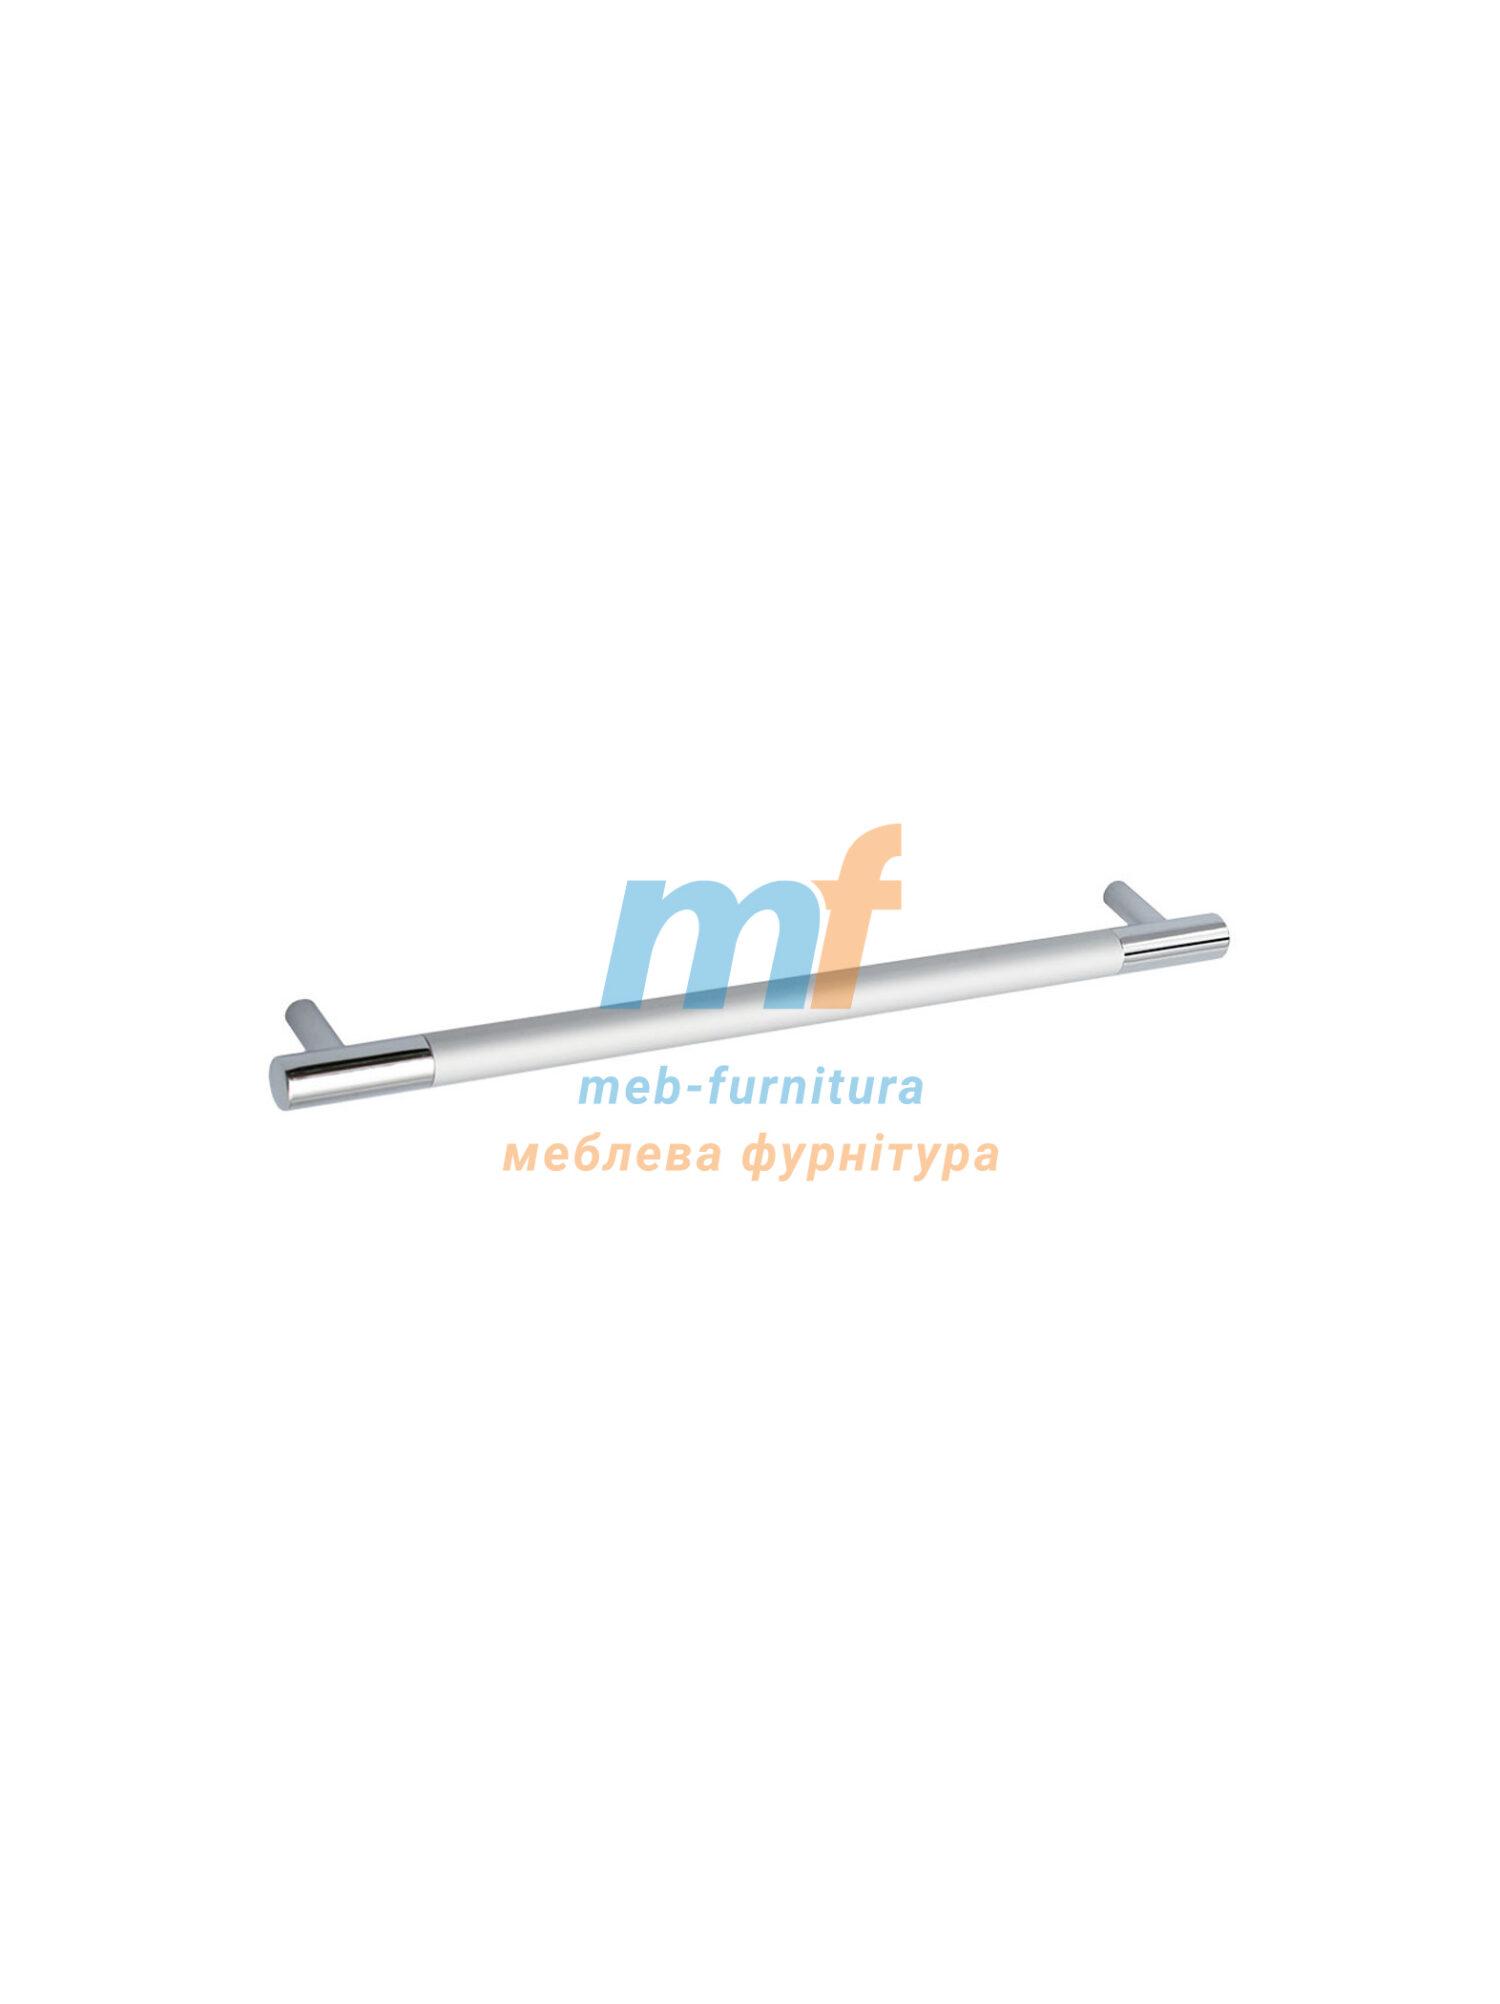 Ручка мебельная релинг 160мм - хром+мат.хром